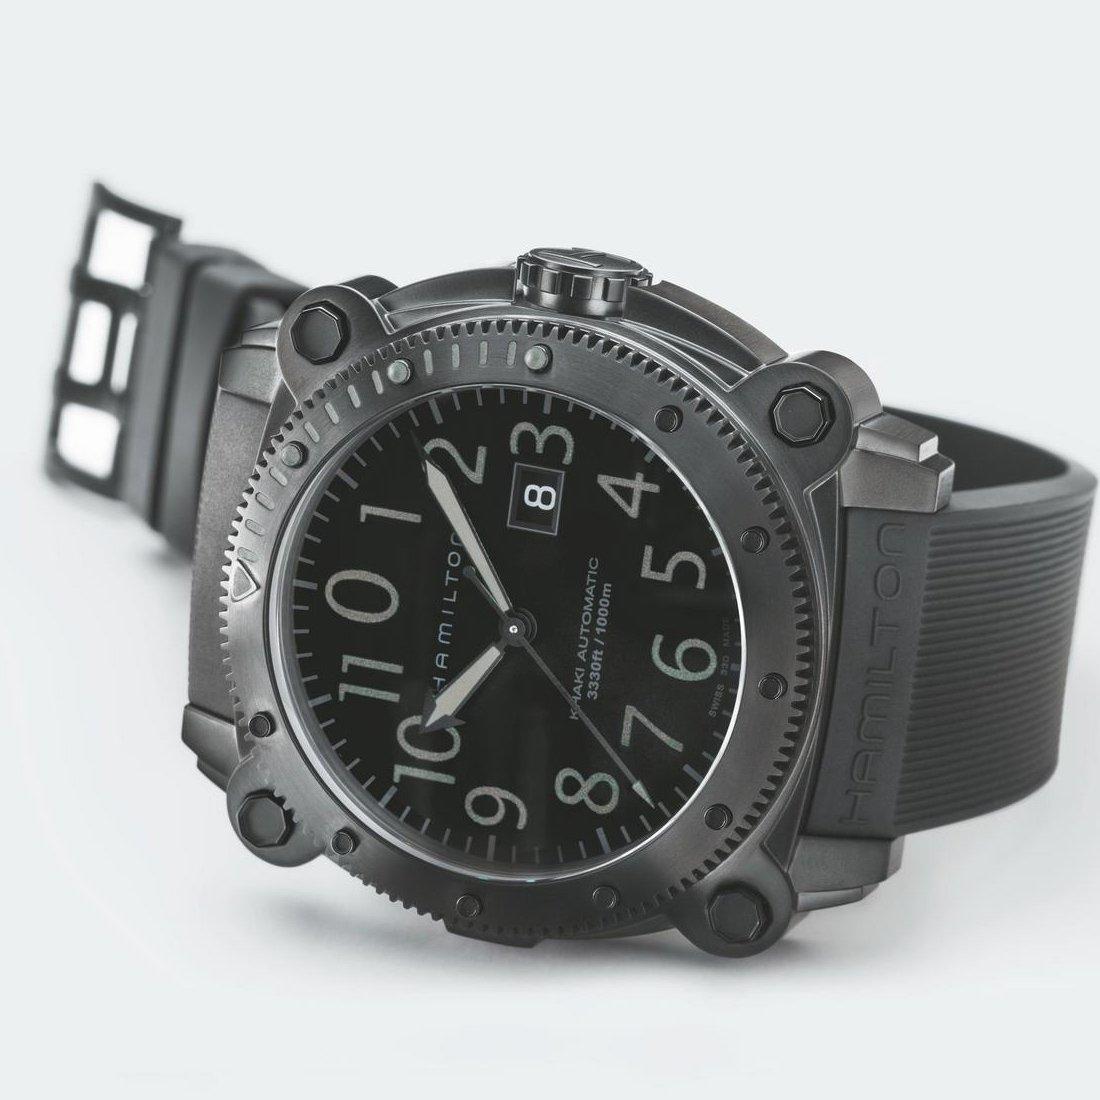 Montre Hamilton Khaki Navy Khaki BeLOWZERO Automatic vue 5